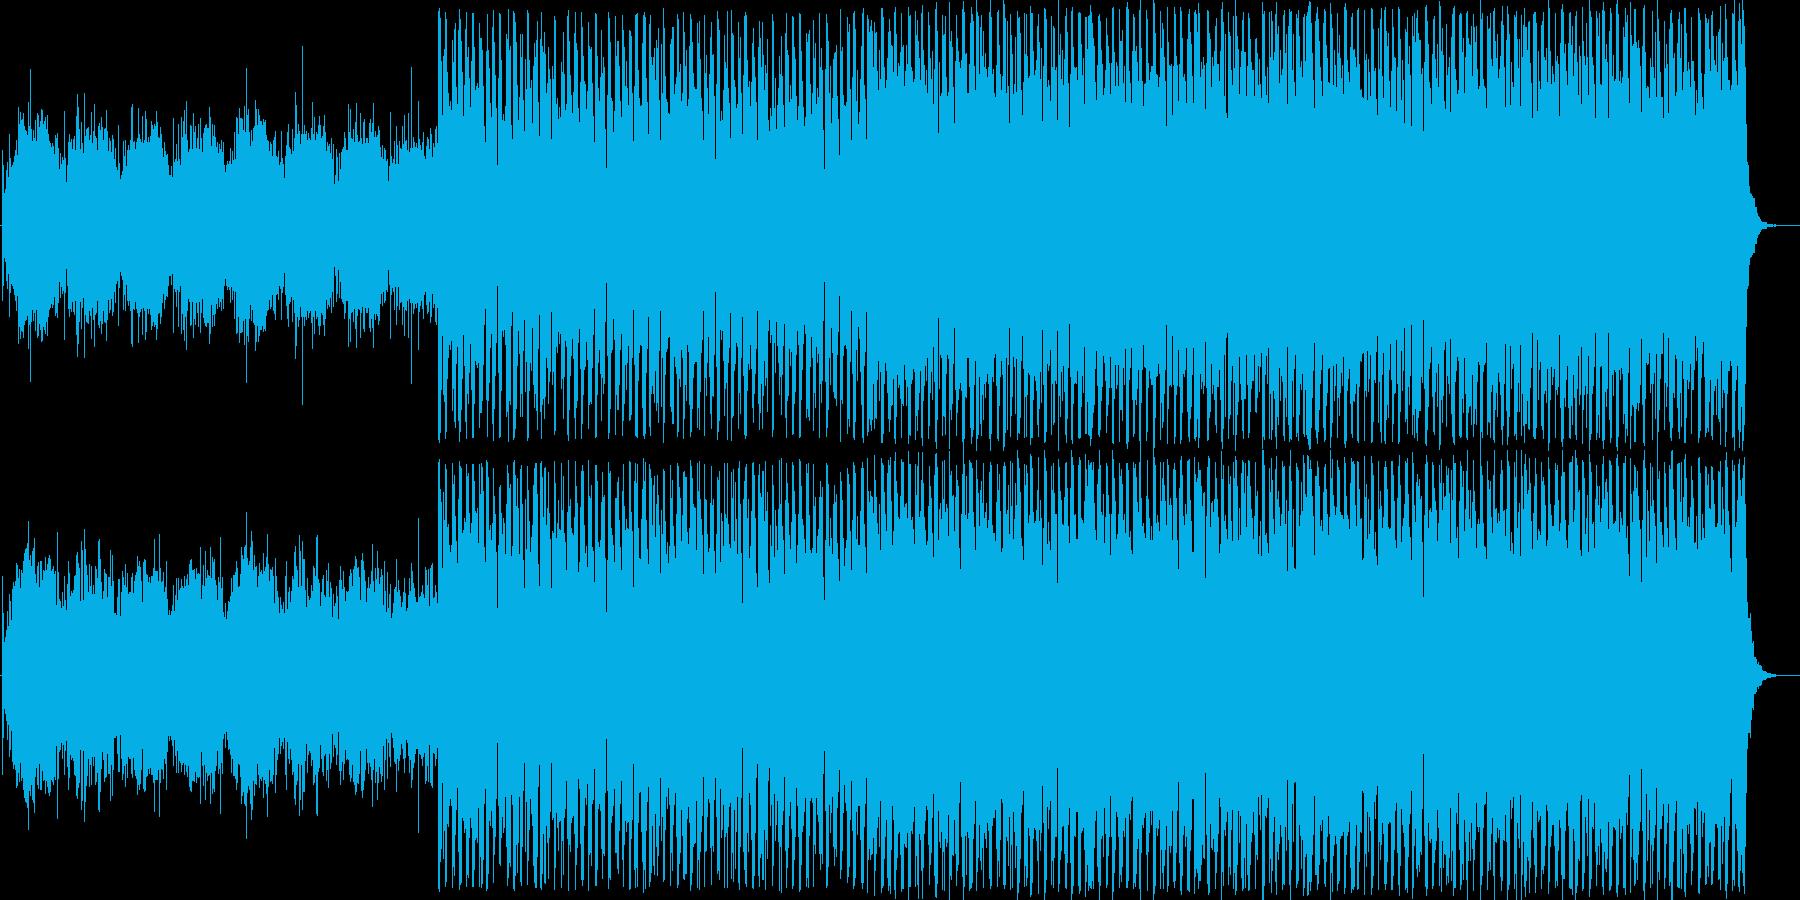 クールでスタイリッシュ、ちょっと不穏な曲の再生済みの波形